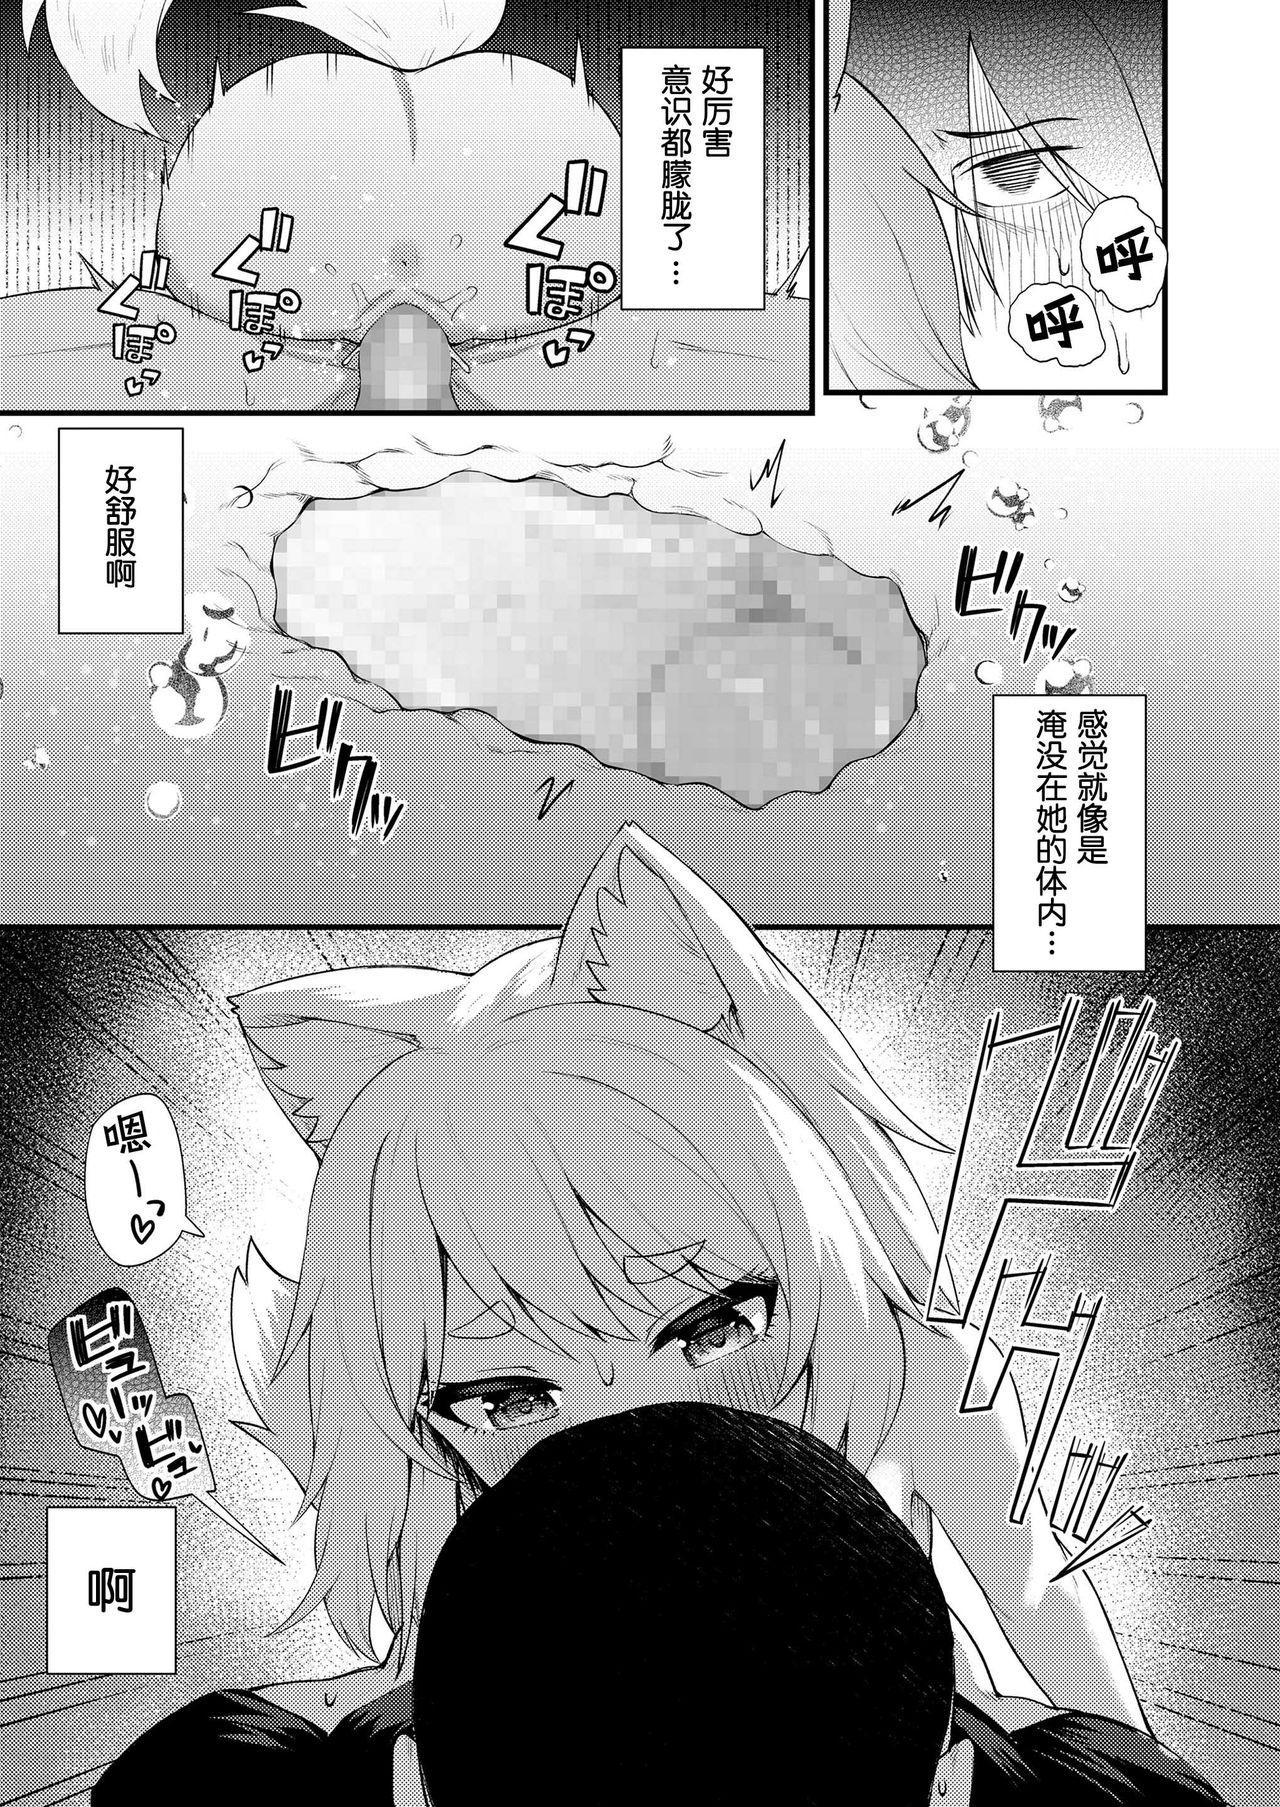 Musubi no machi   结缘街 10